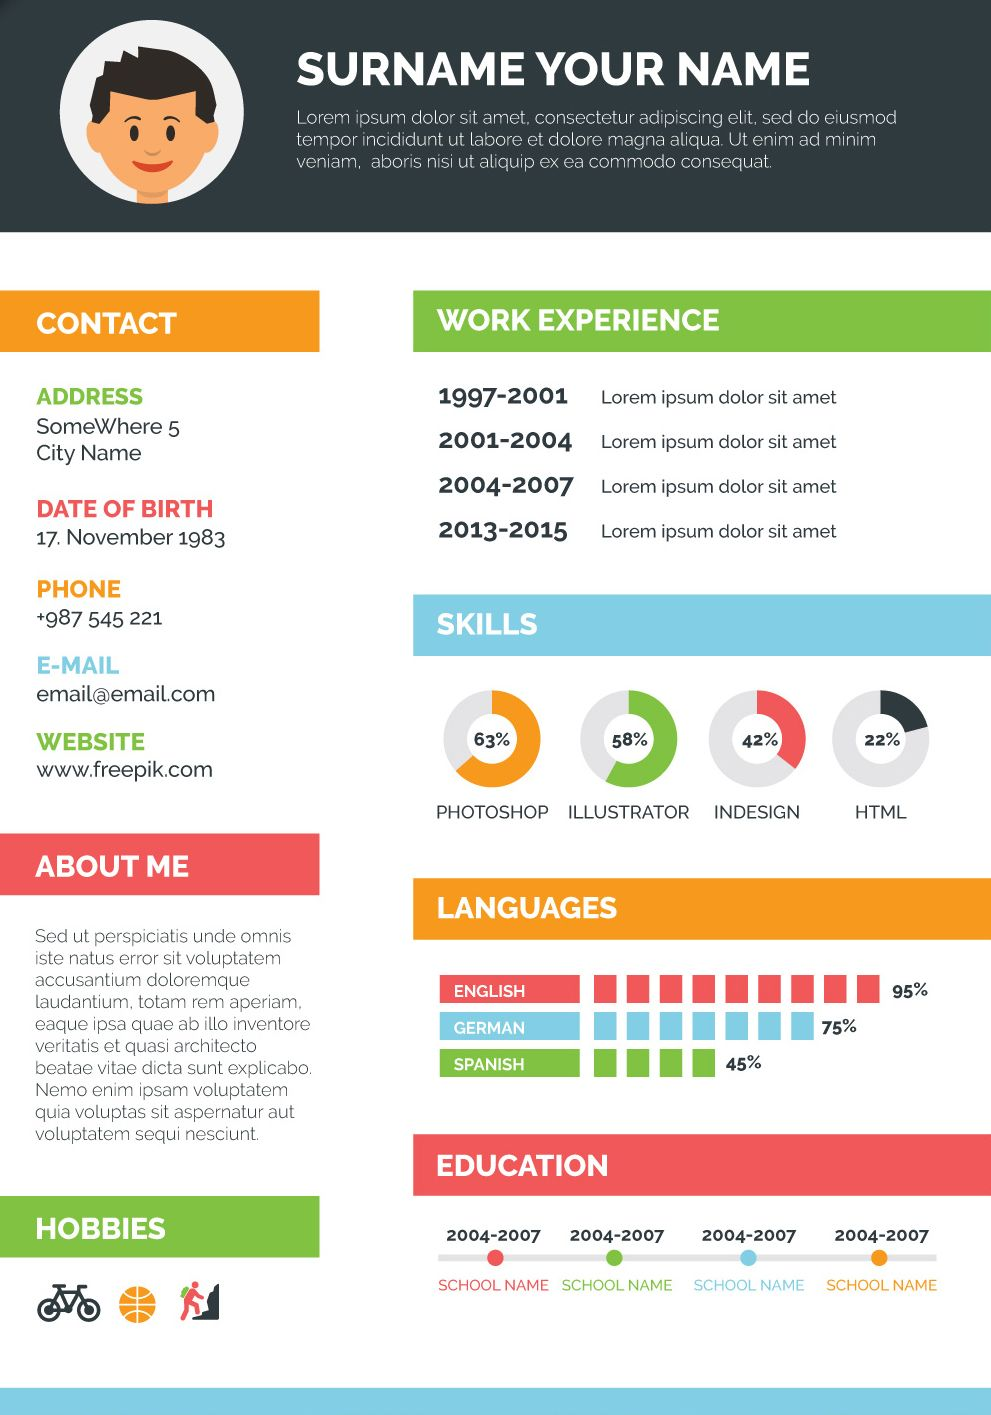 วันนี้ jobsDB มีตัวอย่างรูปแบบ resume สุดเครเอทีฟ ไว้เป็นไอเดียในการ ...